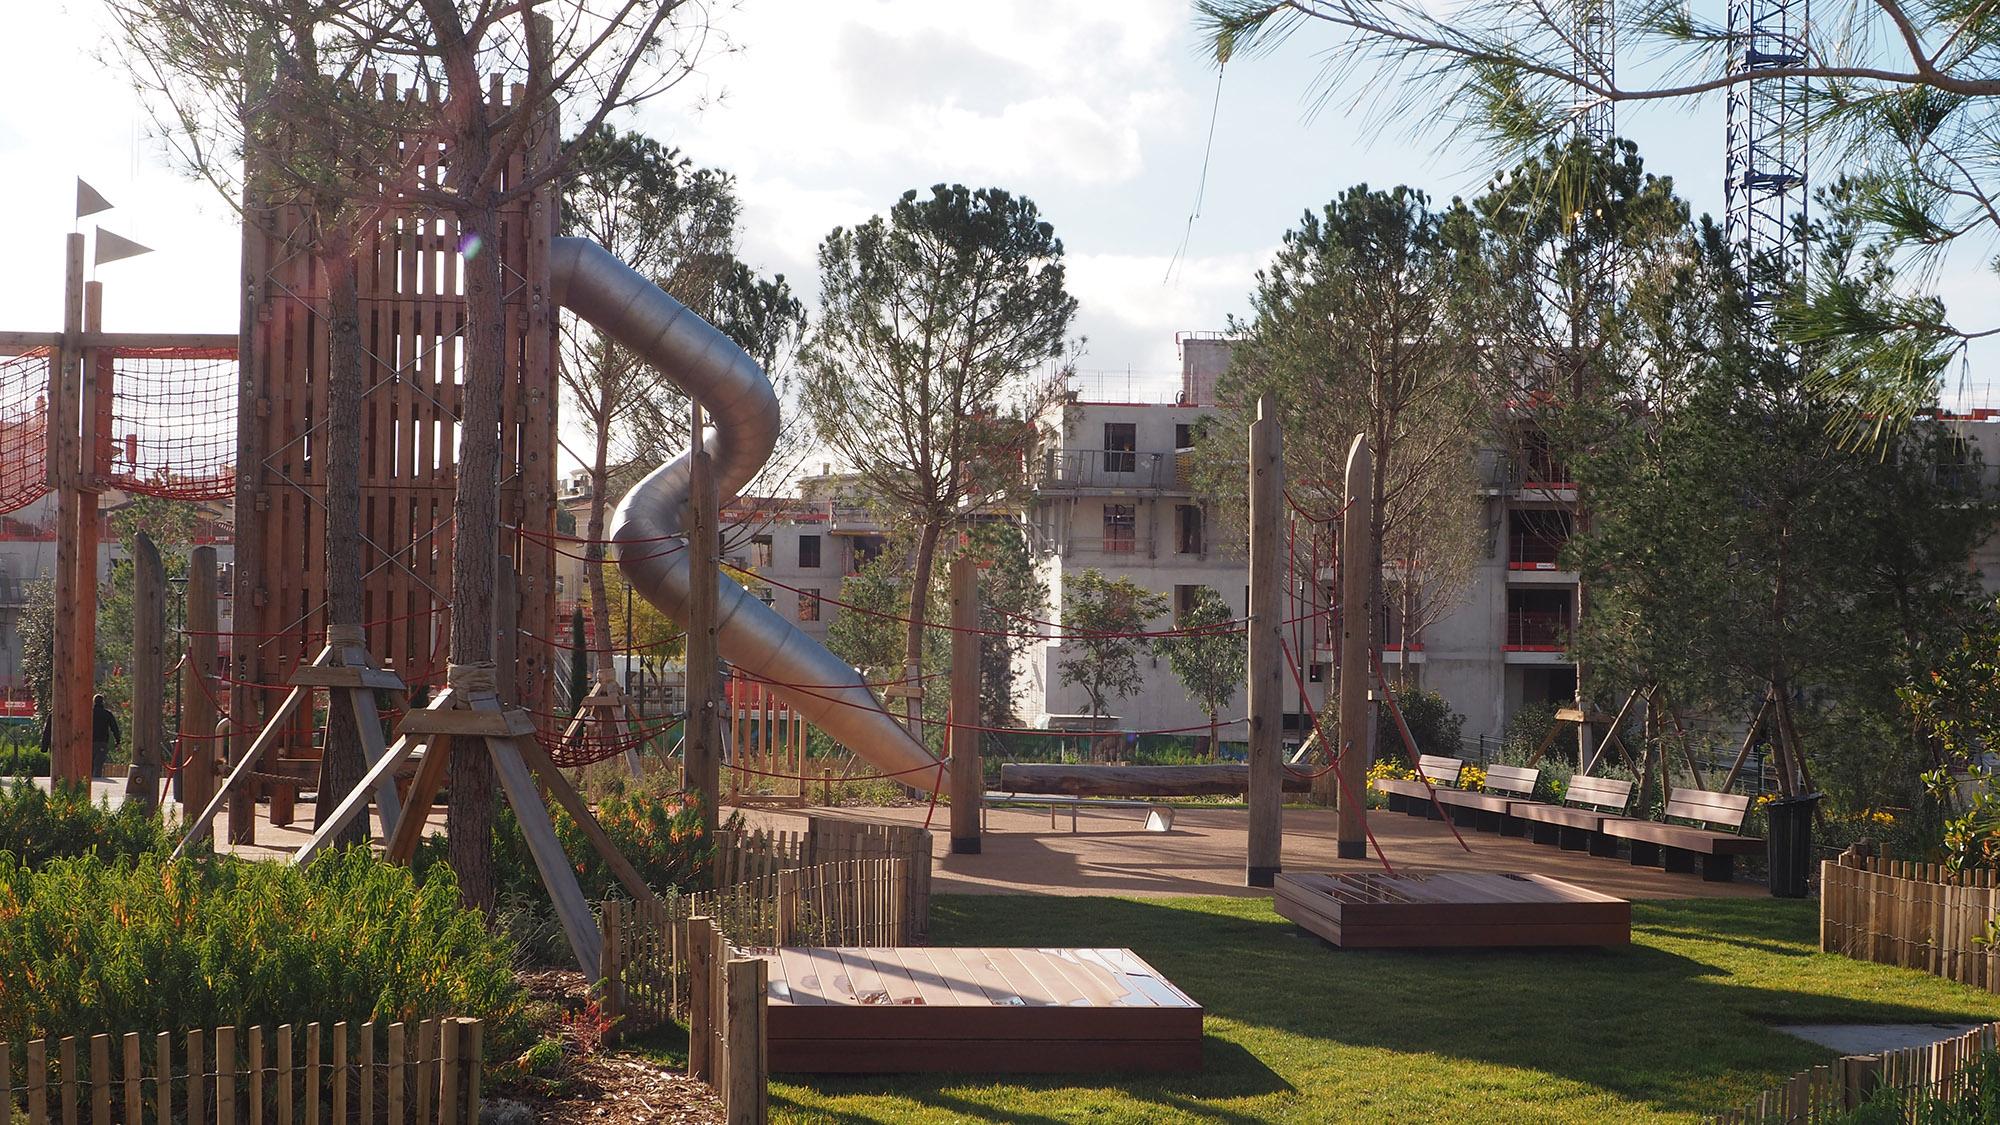 Parc du Ray - Nice - l'aire de jeux et son jardin